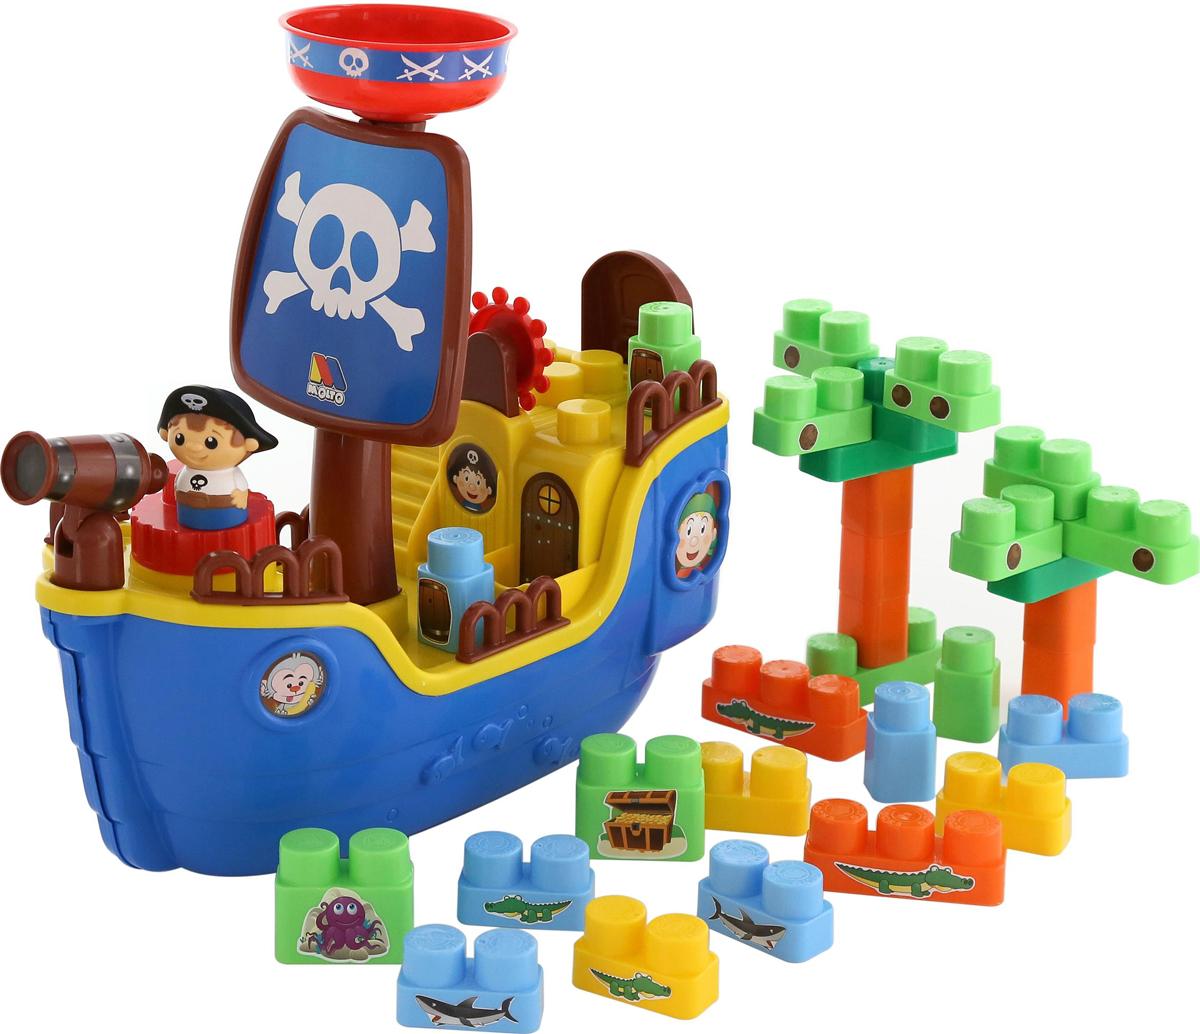 Полесье Пиратский корабль + конструктор - Транспорт, машинки